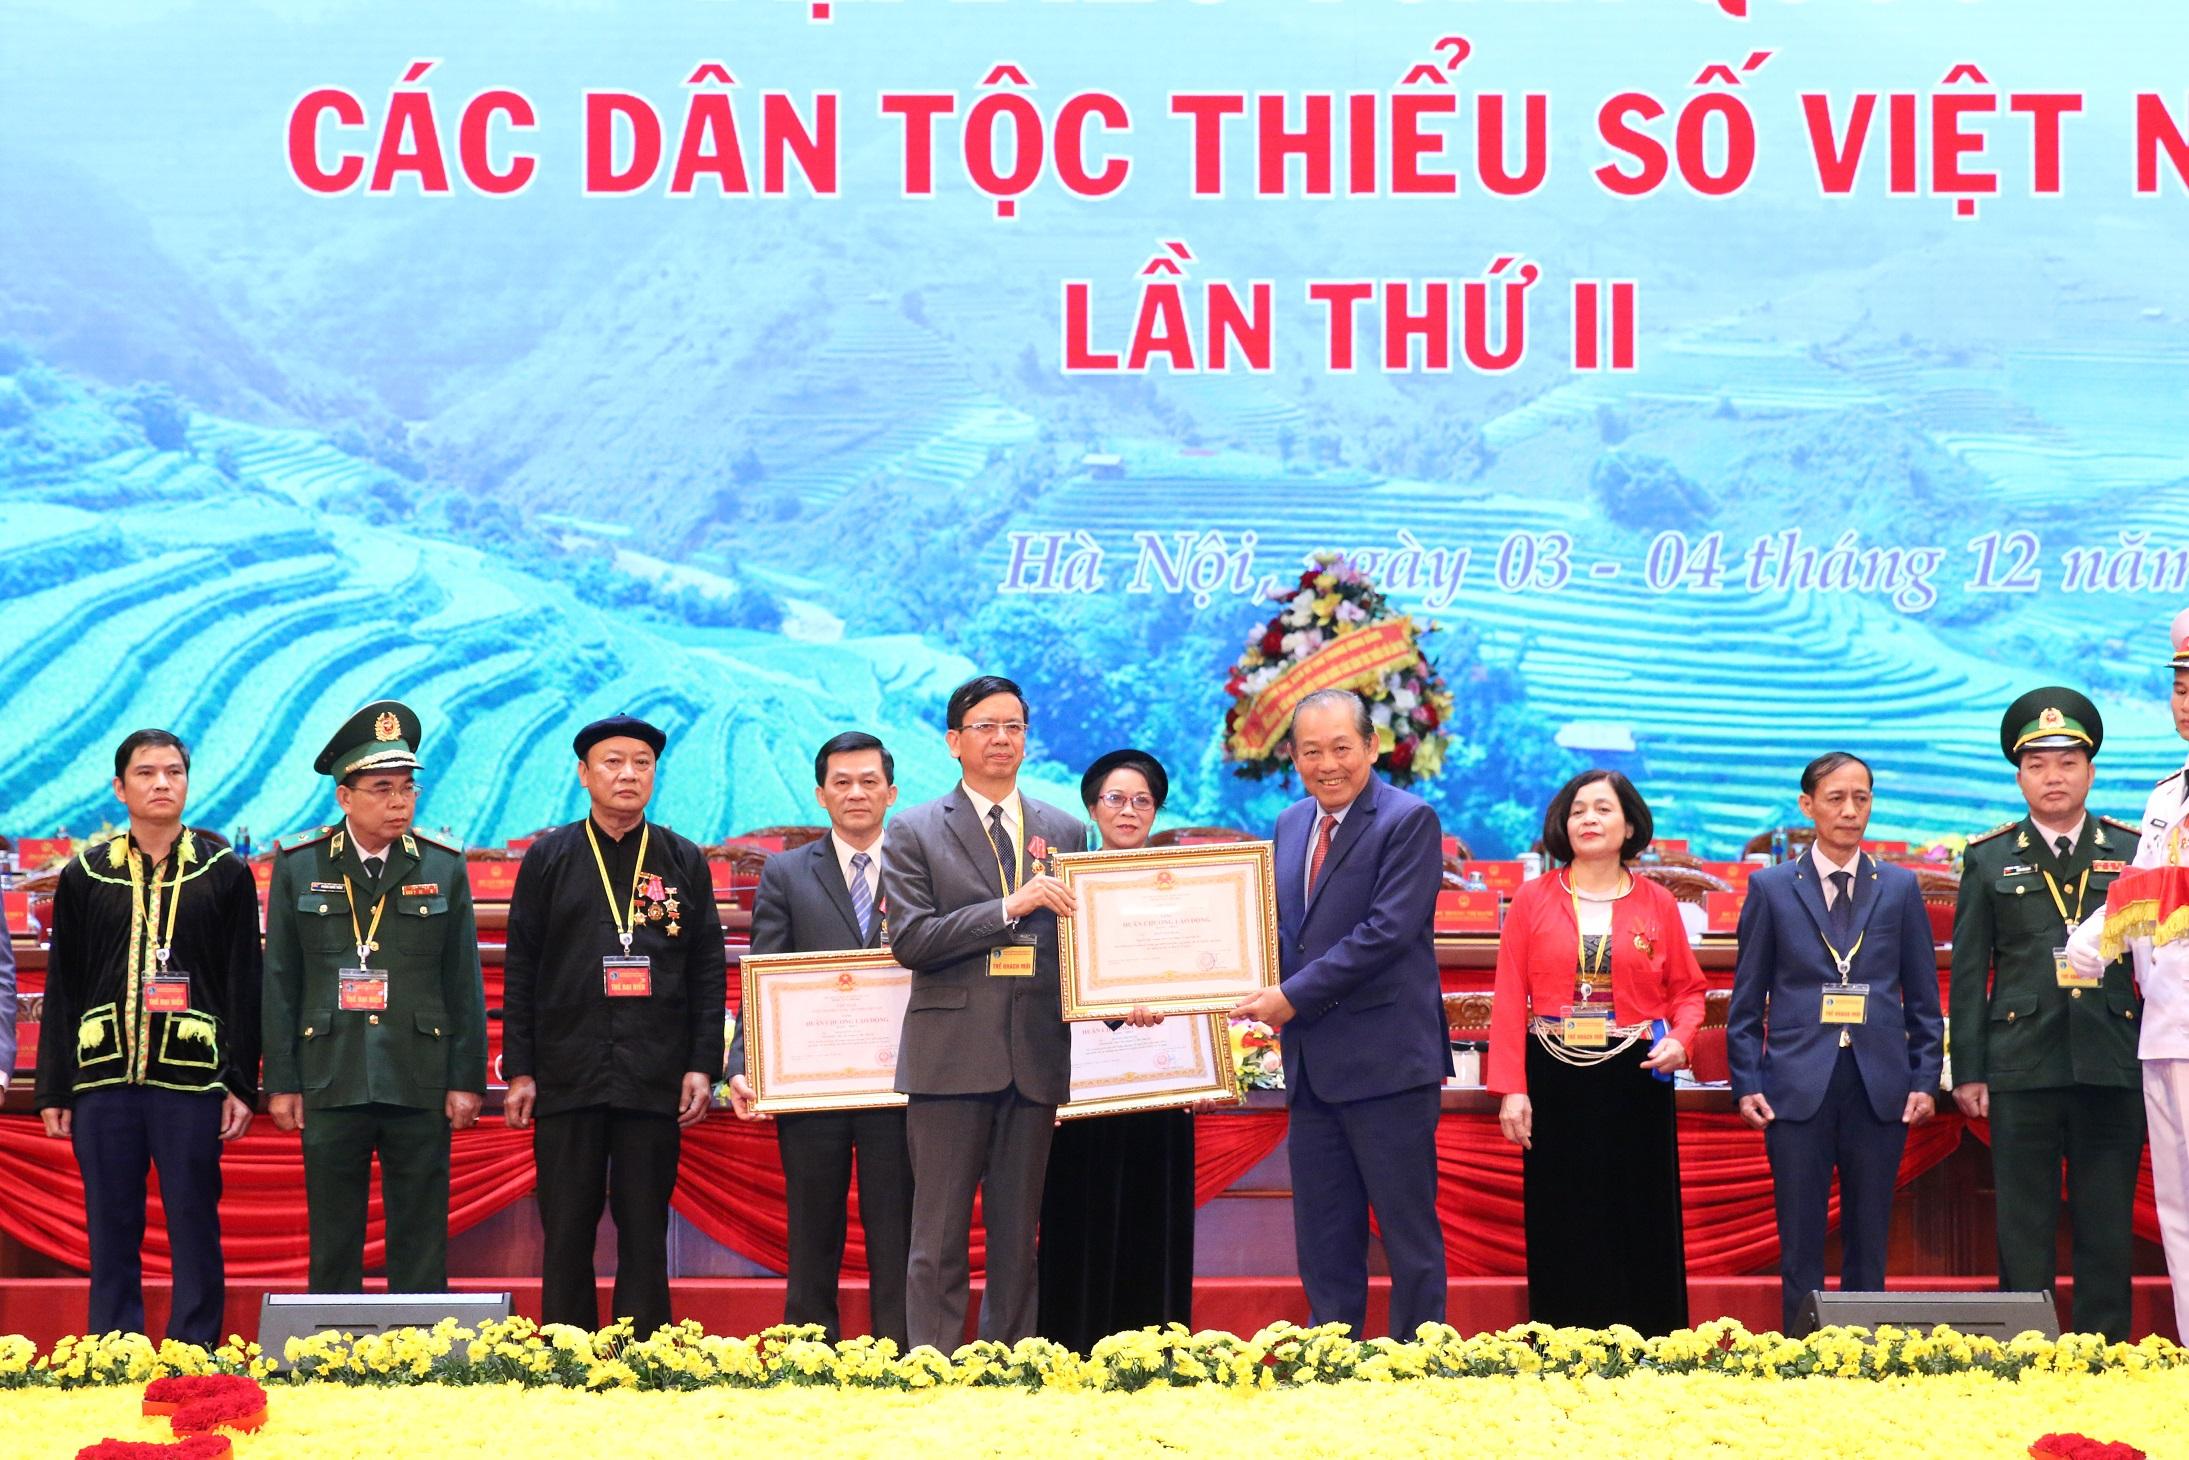 Phó Thủ tướng Thường trực Chính phủ Trương Hòa Bình trao tặng Huân chương lao động hạng Nhất cho nguyên Thứ trưởng, Phó Chủ nhiệm UBDT Phan Văn Hùng